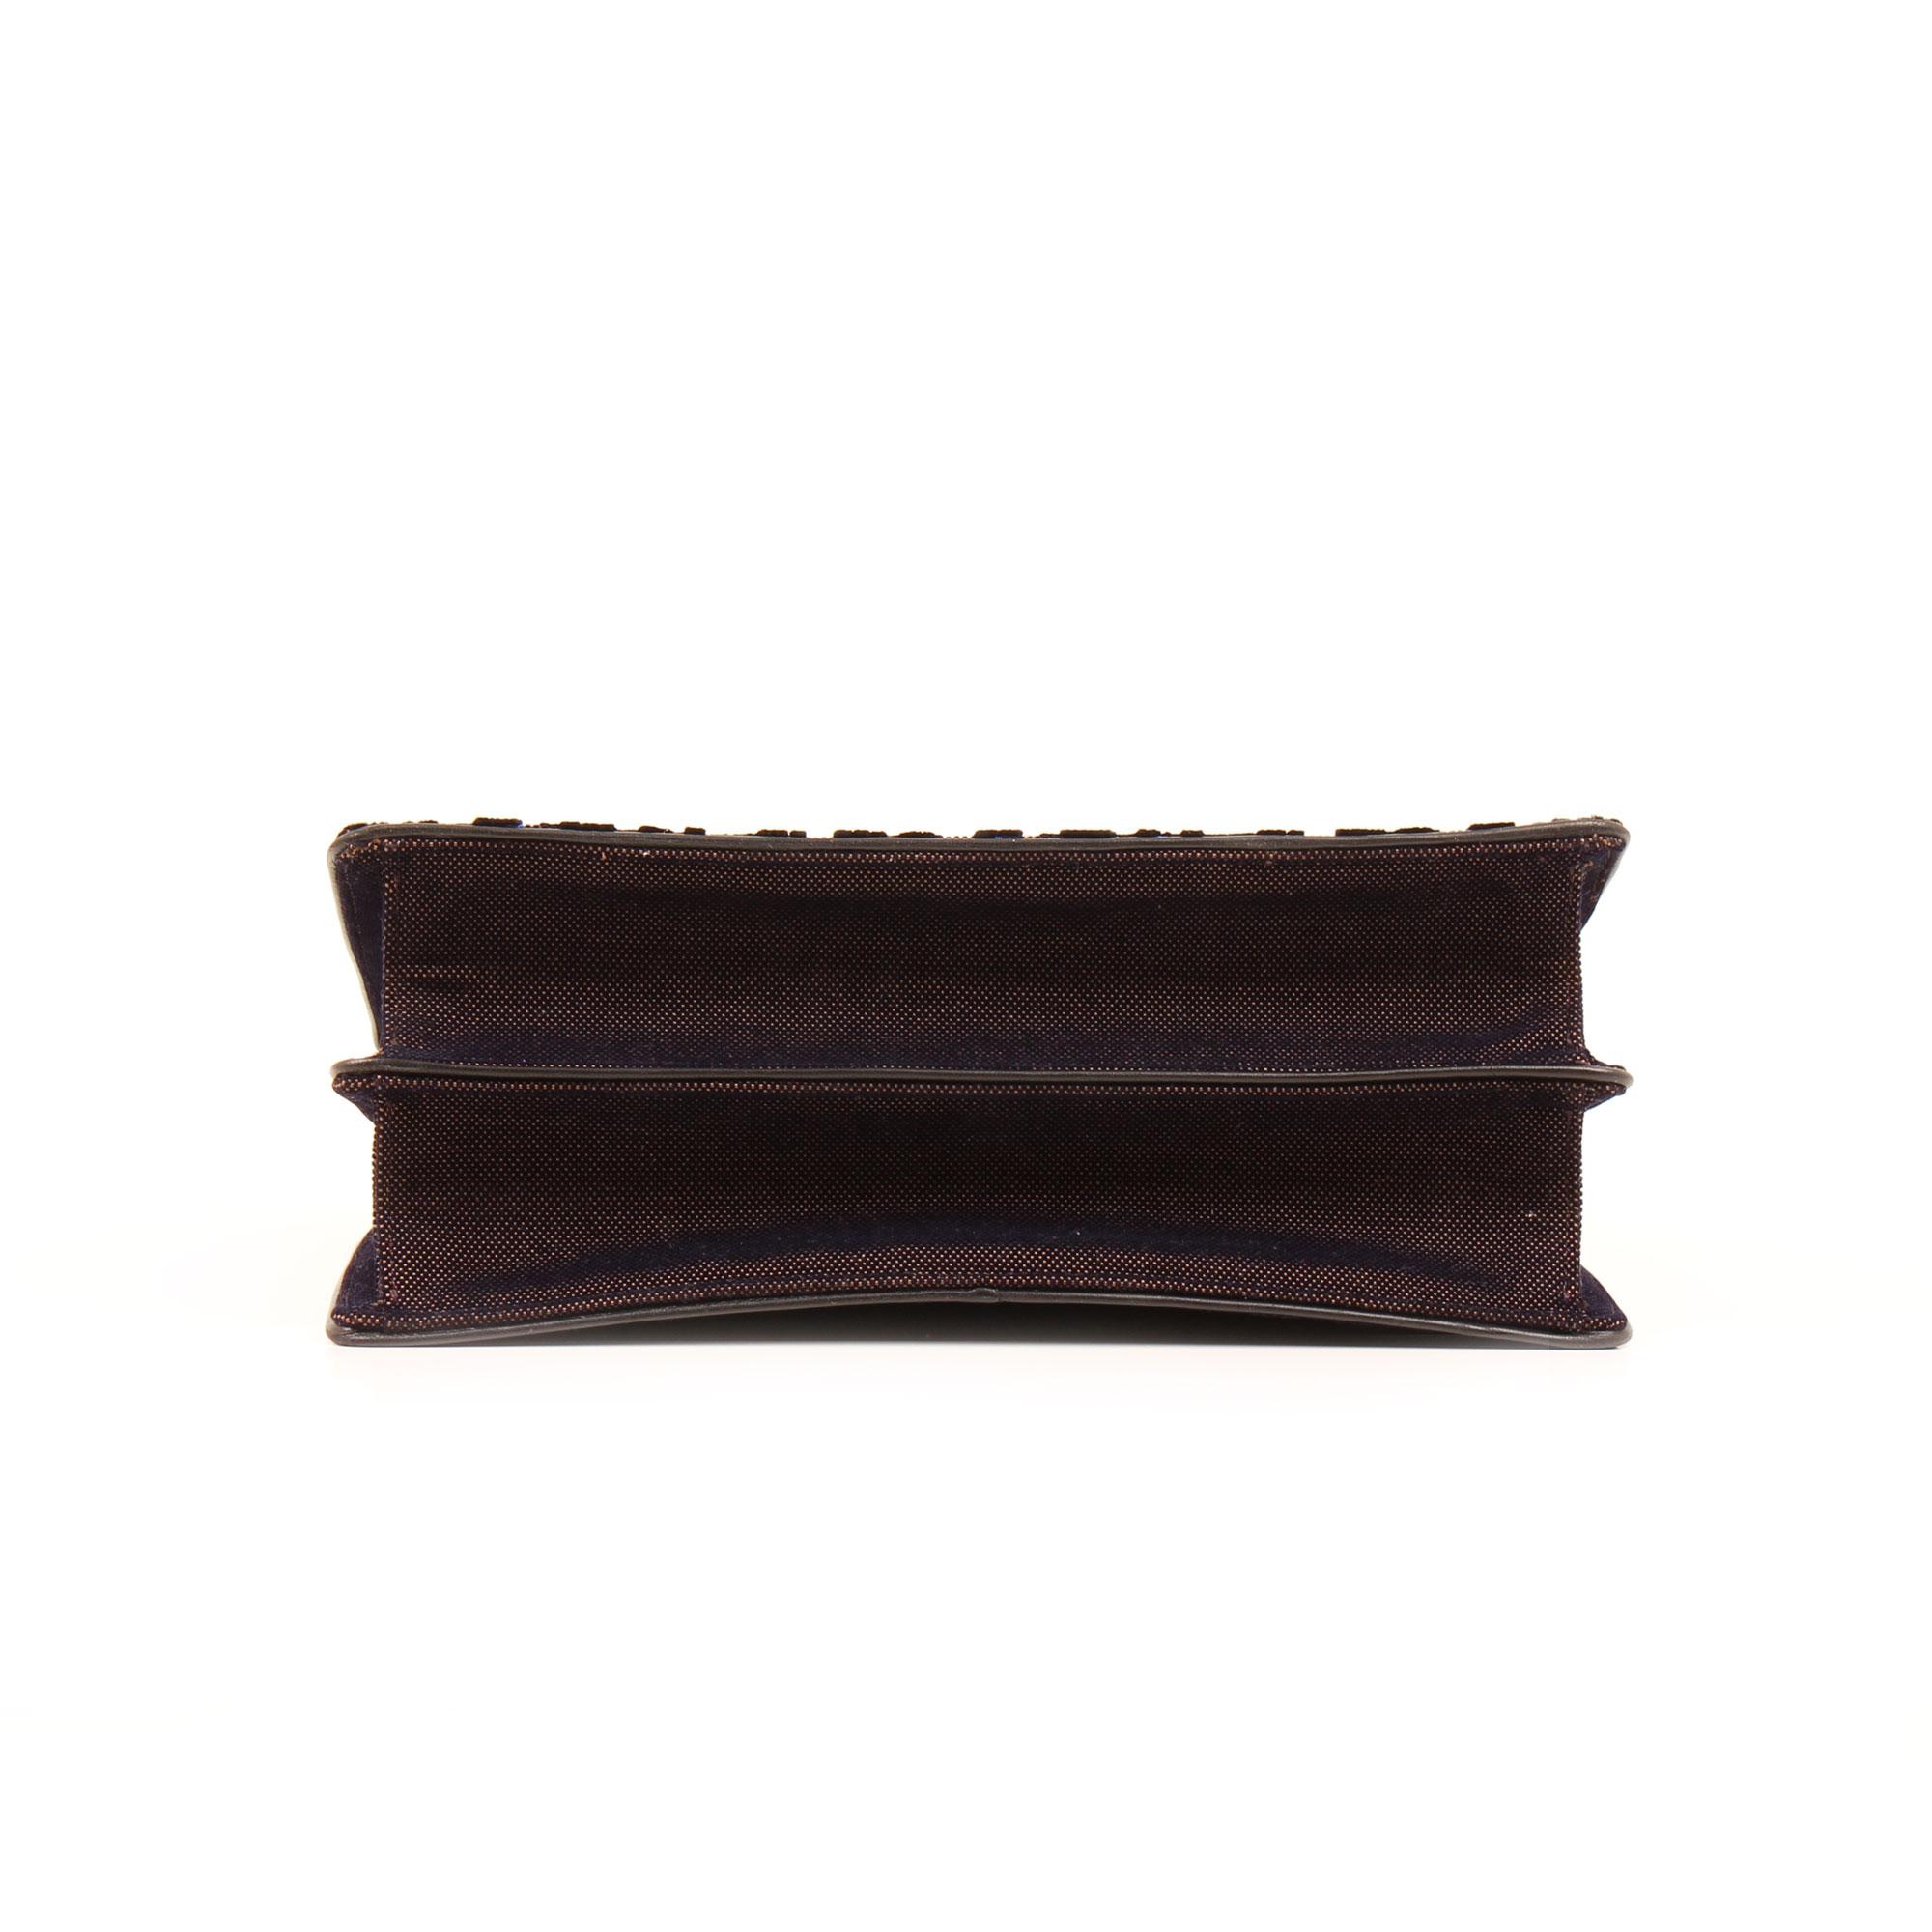 Imagen del base del bolso dior diorama mediano terciopelo piel azul